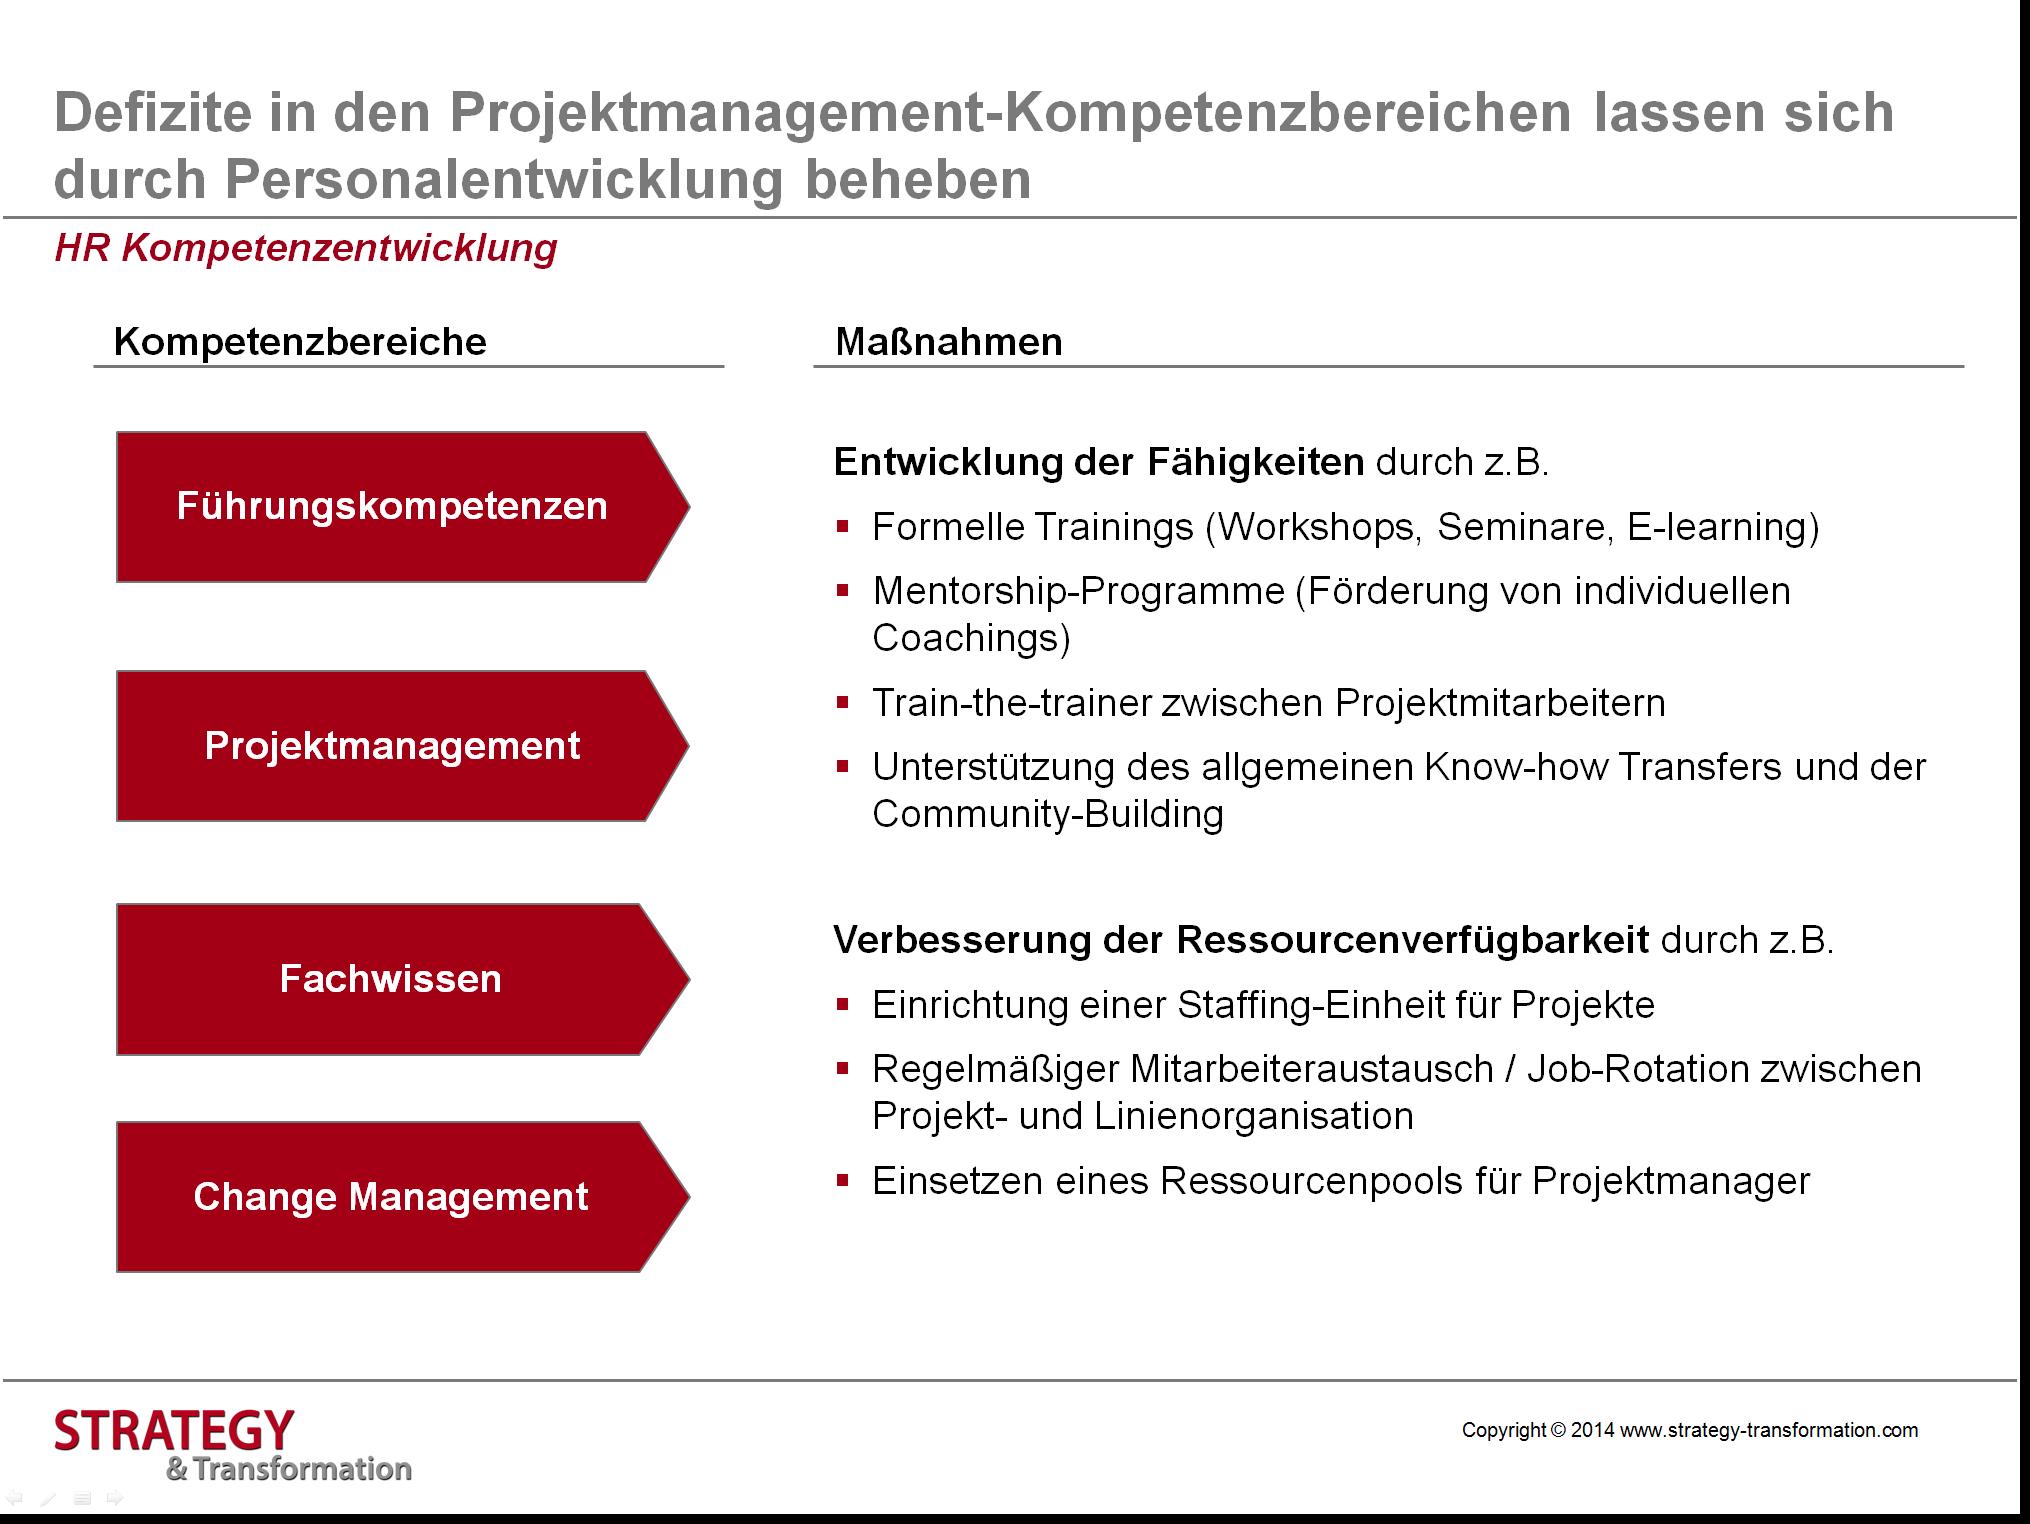 Grafik 6_HR Kompetenzentwicklung